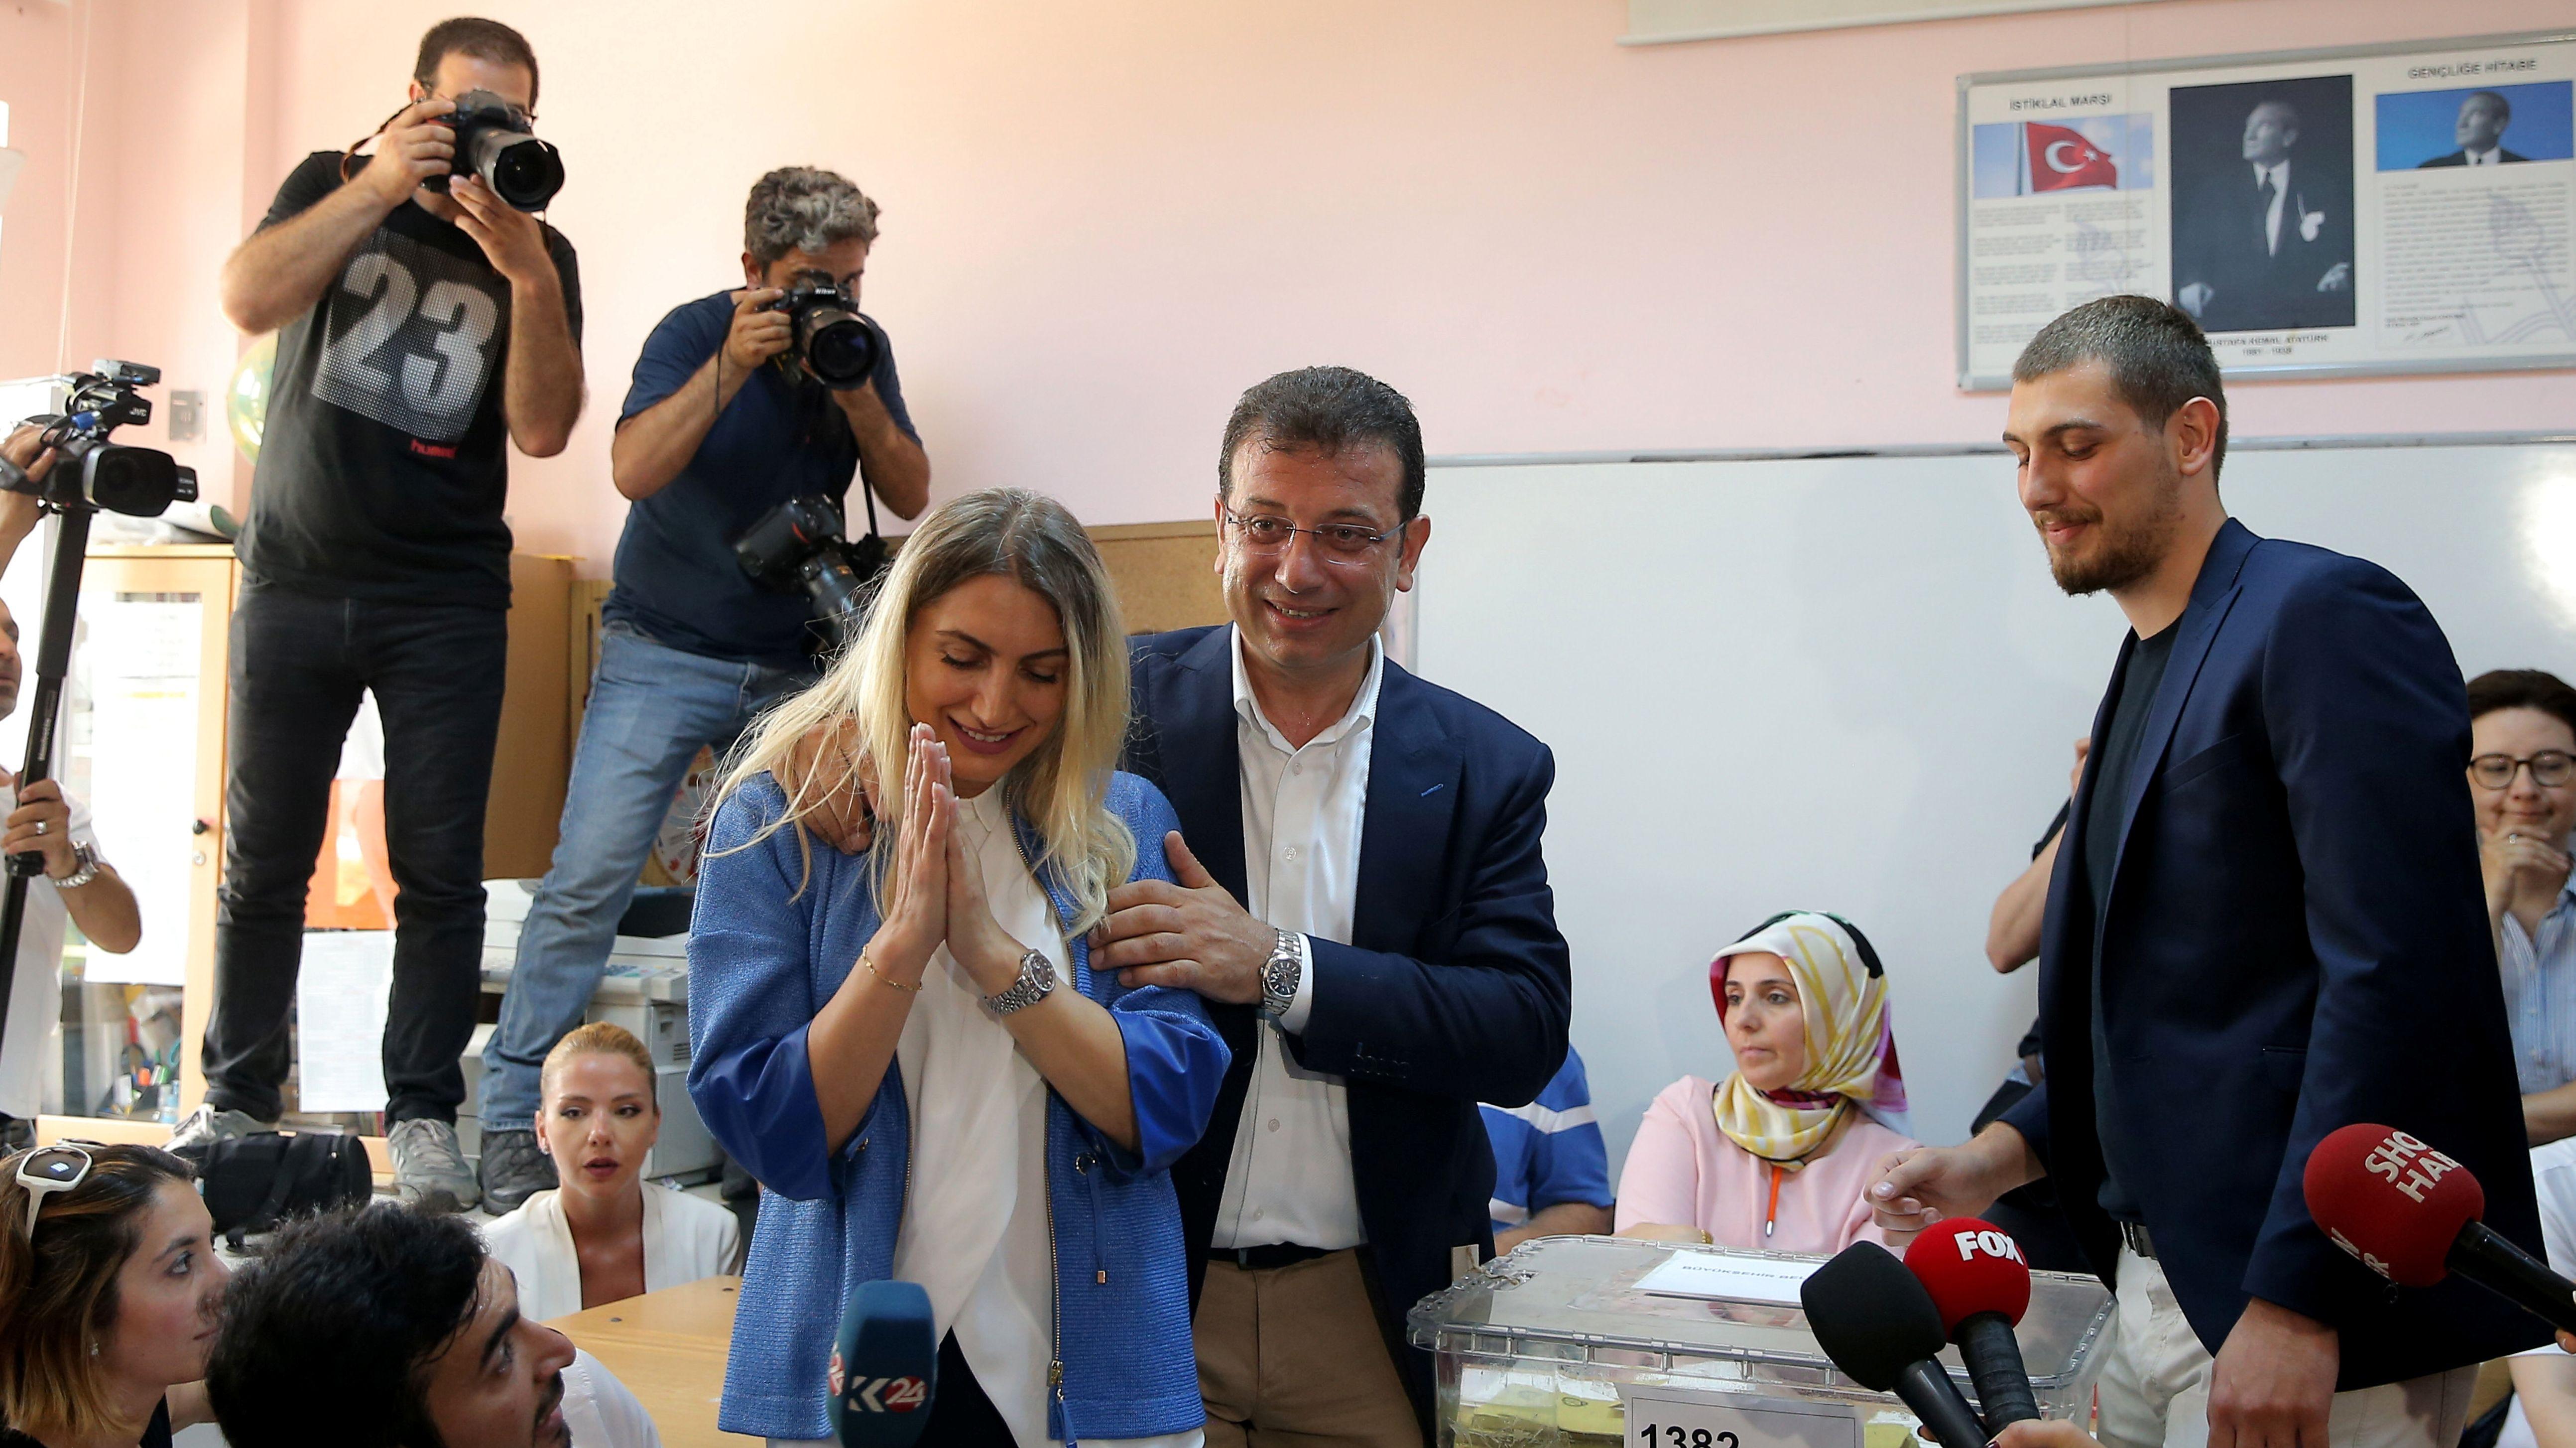 Bürgermeisterkandidat Ekrem Imamoglu bei der Abgabe seiner Stimme in Istanbul